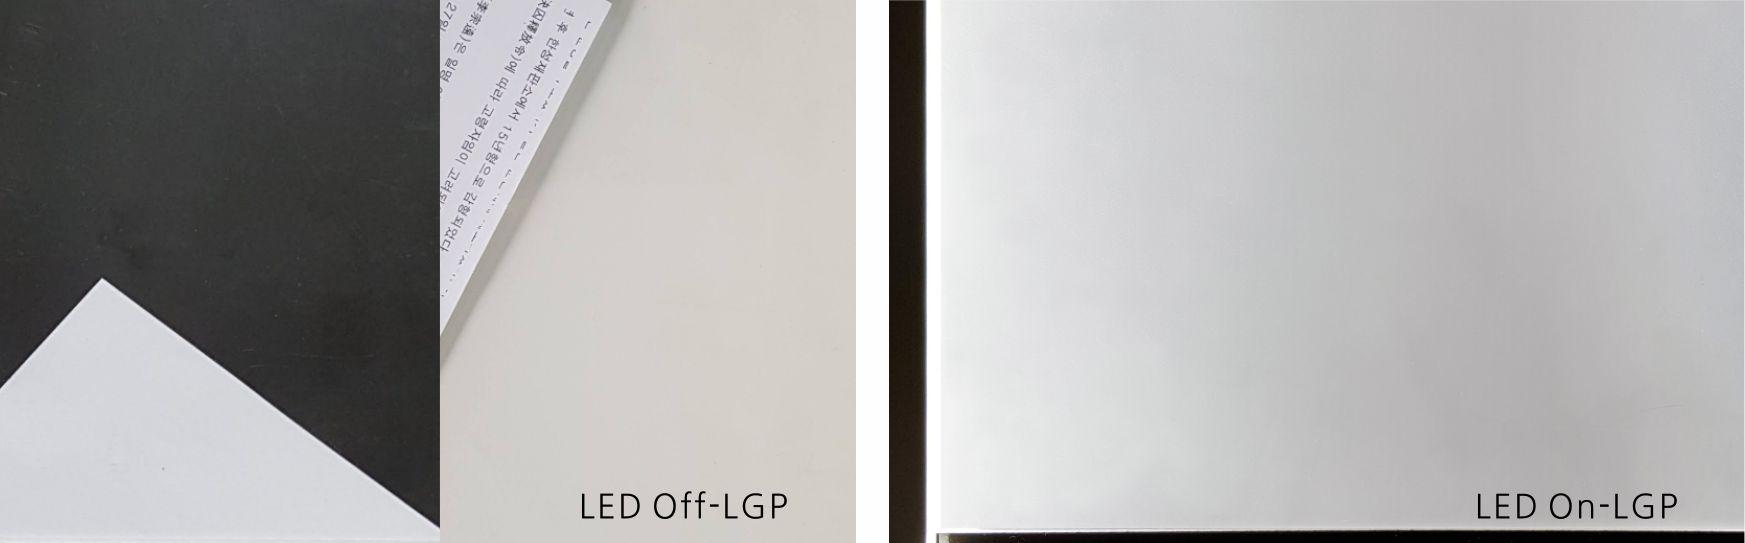 lgp_test.jpg